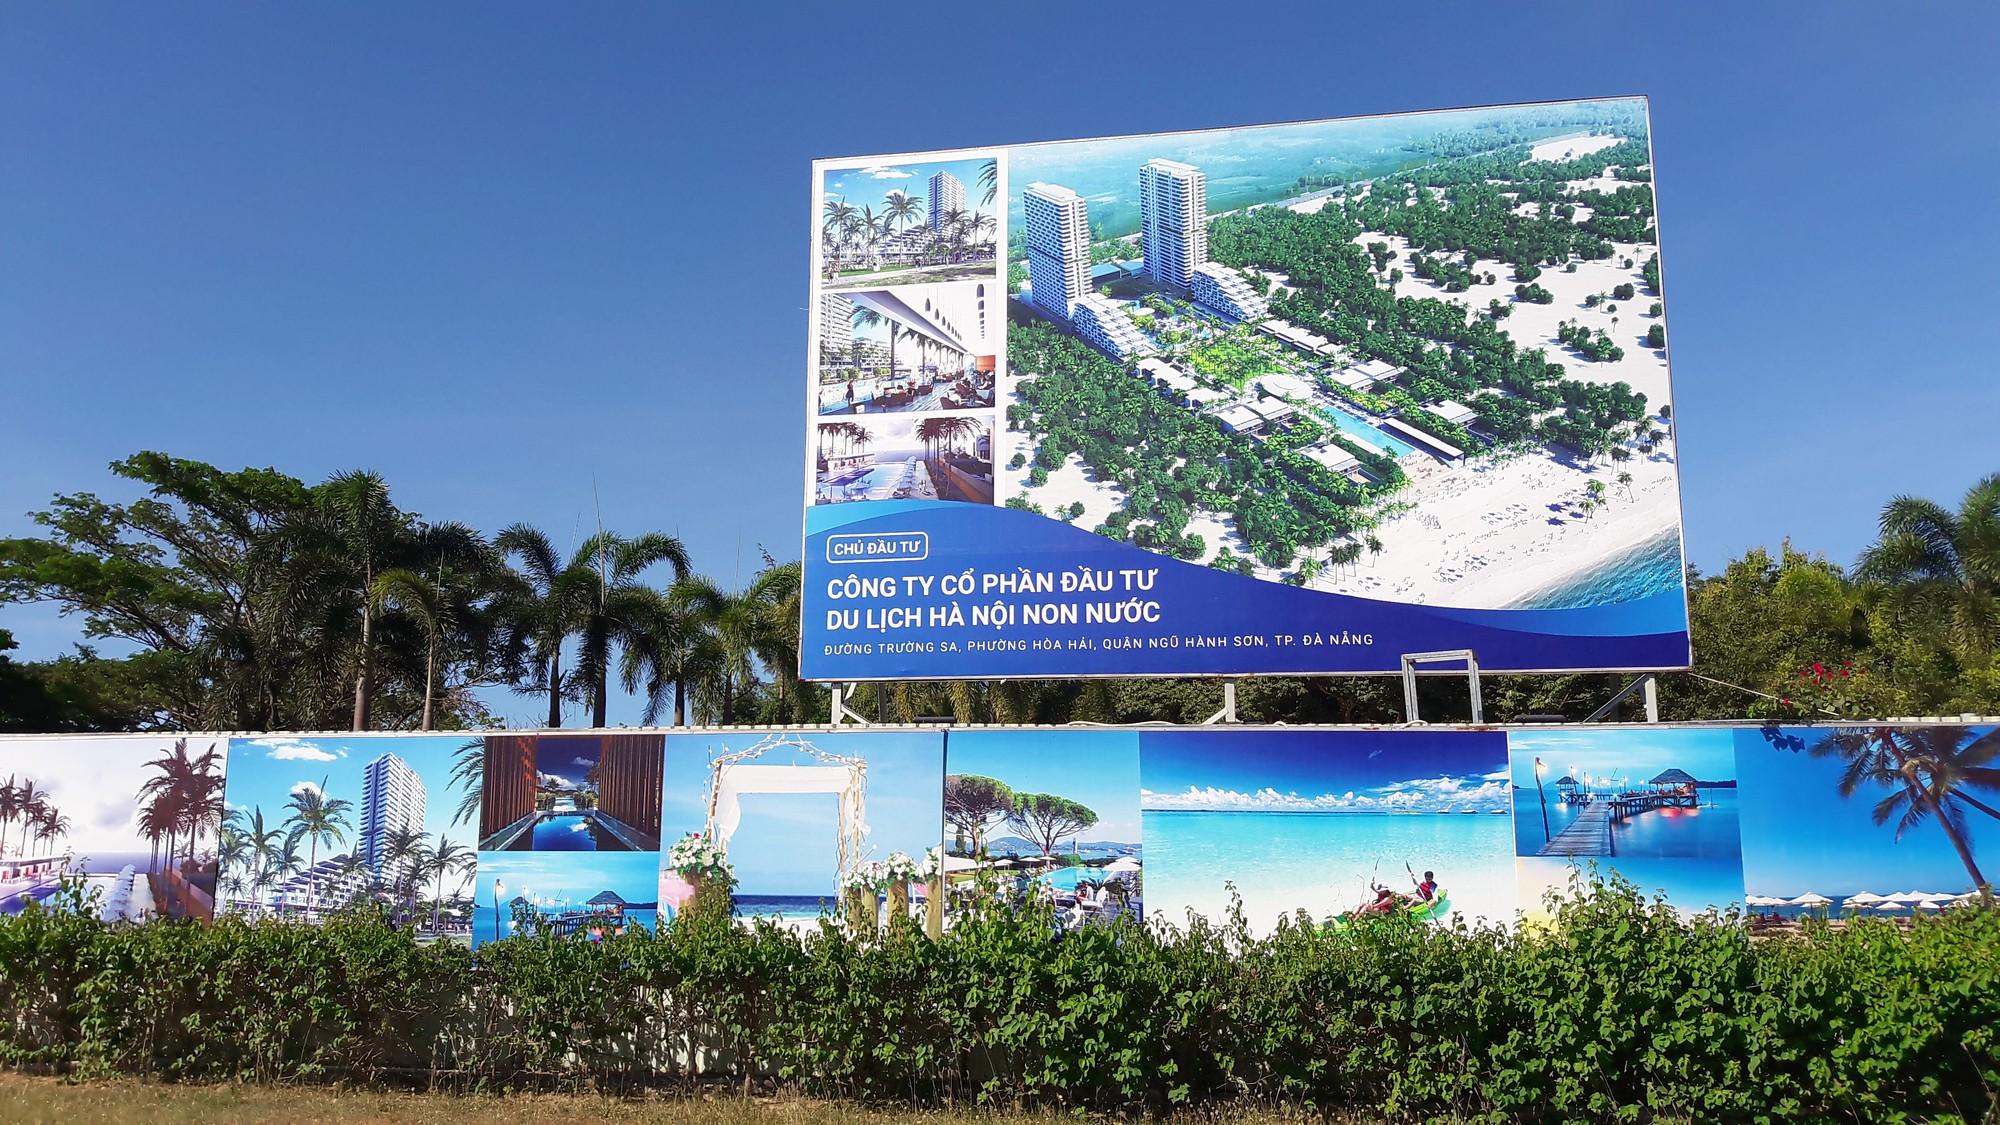 Cận cảnh dự án nghỉ dưỡng 756 tỉ đồng của công ty Đầu tư du lịch Hà Nội Non Nước xí phần rồi trễ hẹn 4 năm ở Đà Nẵng - Ảnh 6.